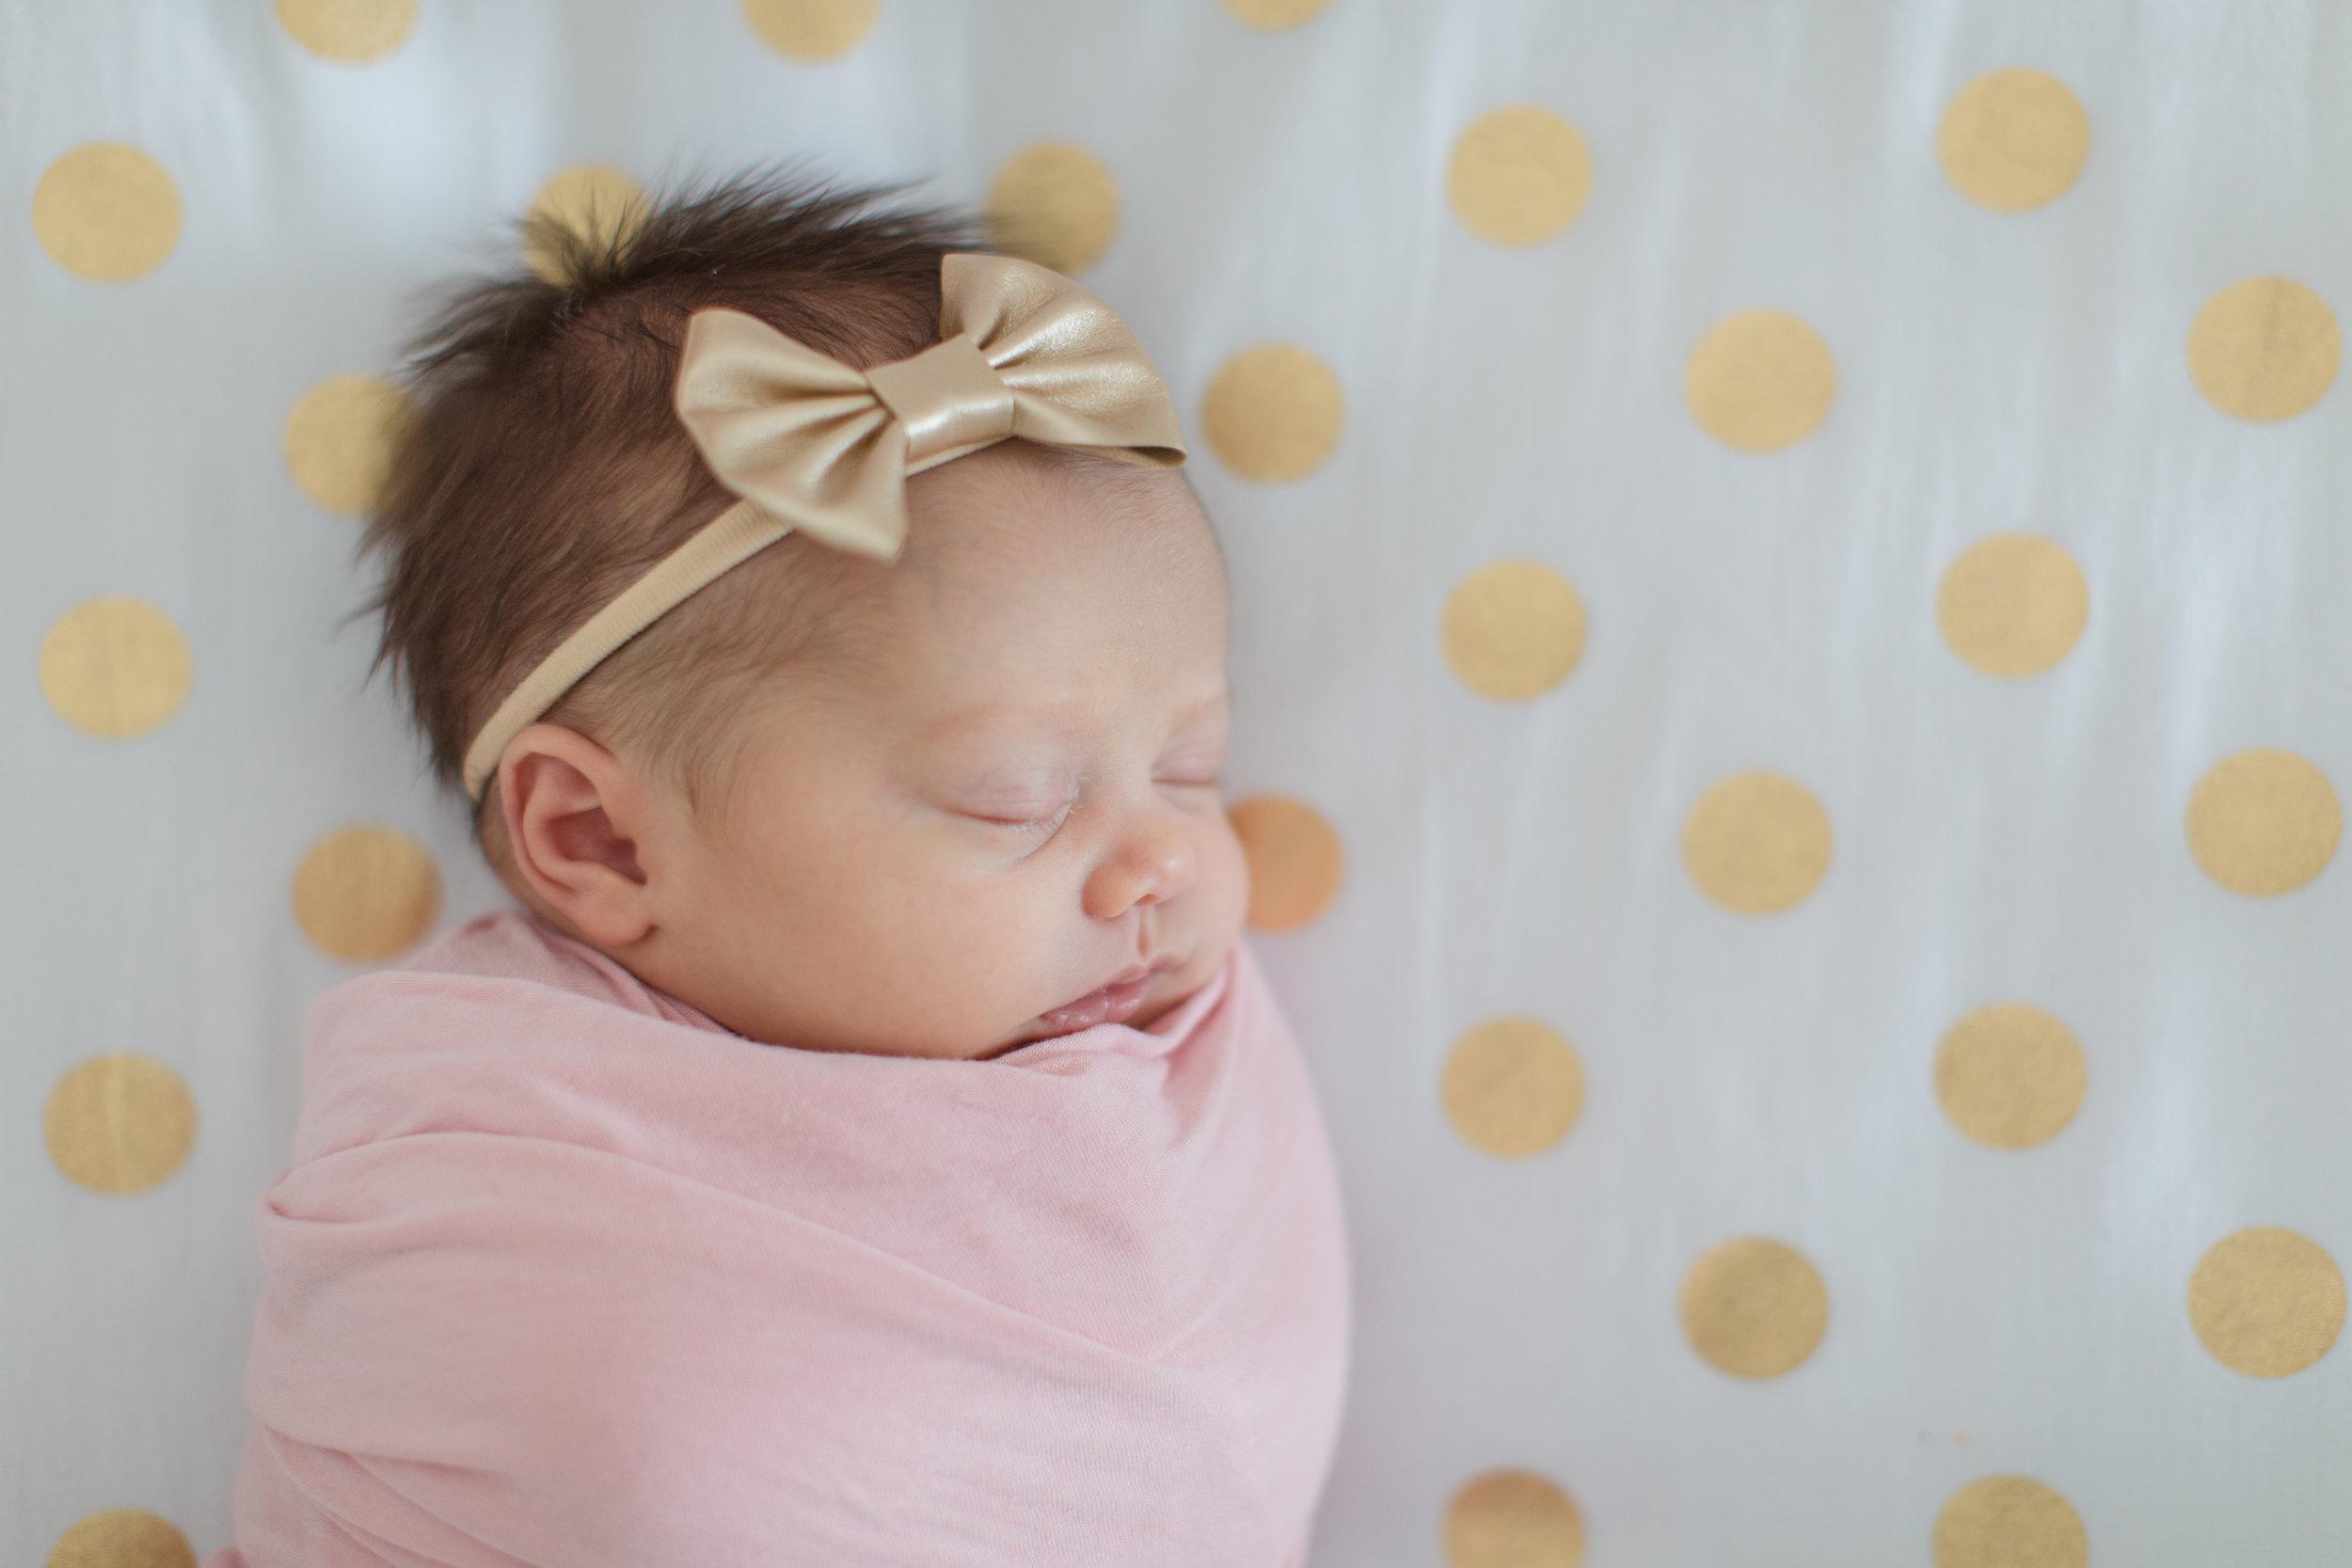 Newborn Girl in Crib